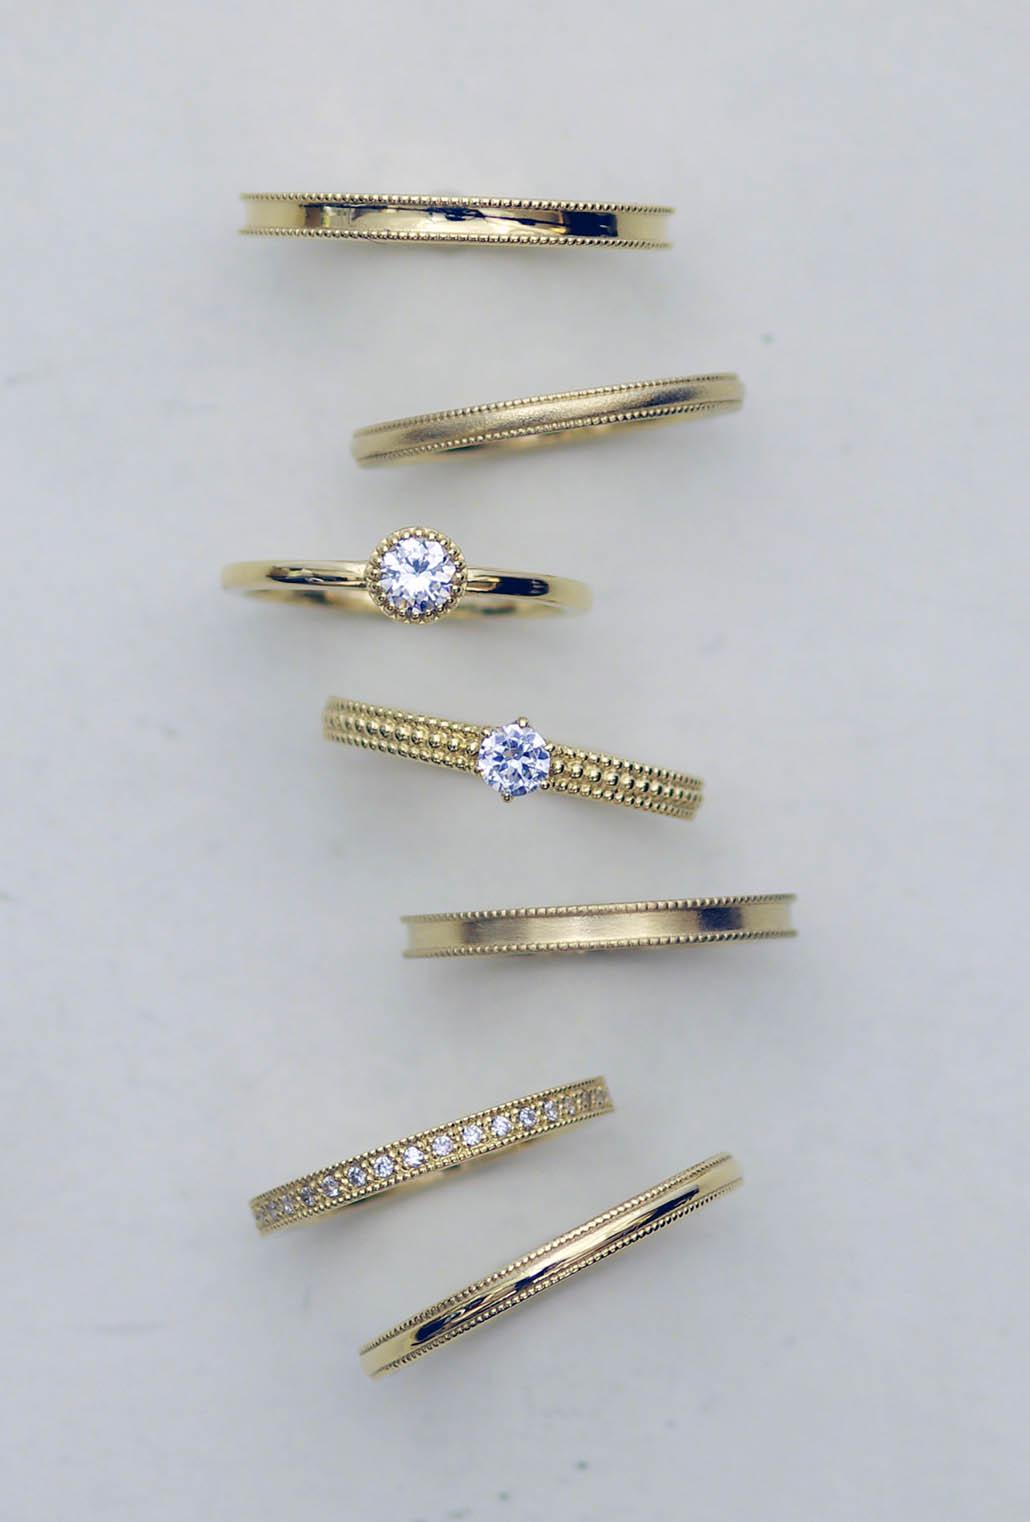 セミオーダーで作るアンティークな結婚指輪と婚約指輪